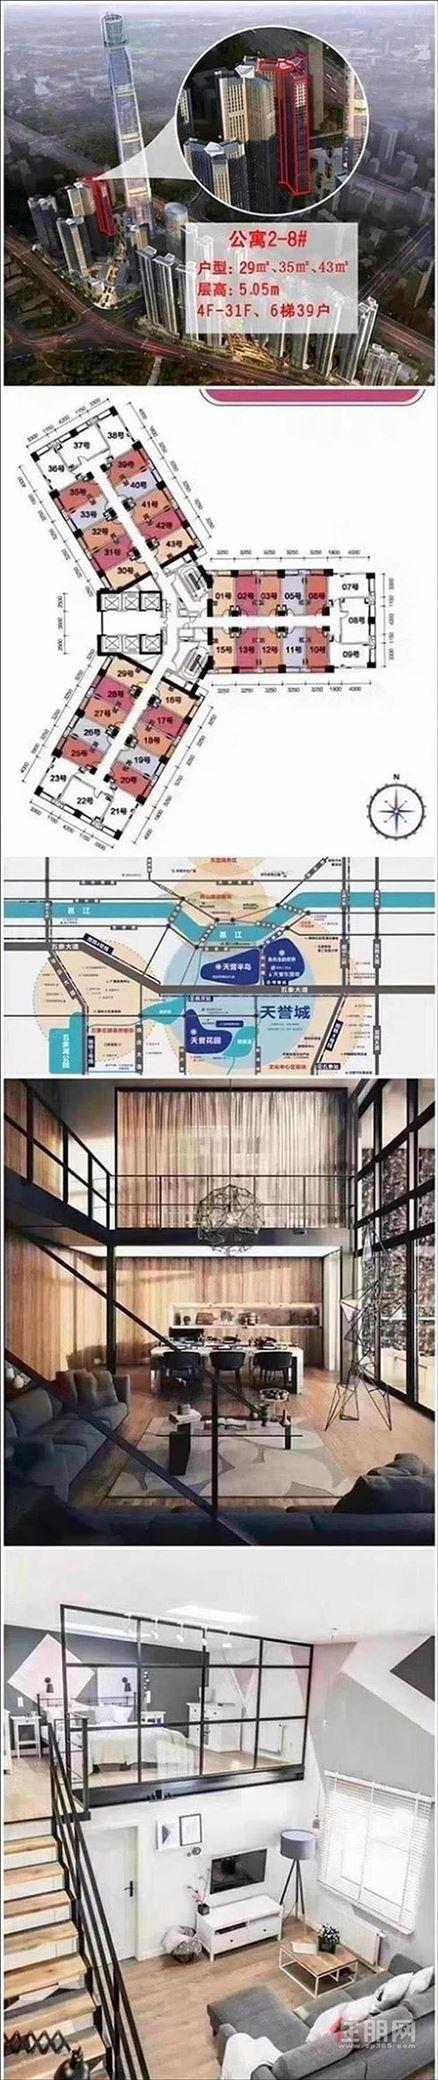 五象新区 天誉城 公寓 75折优惠 年终